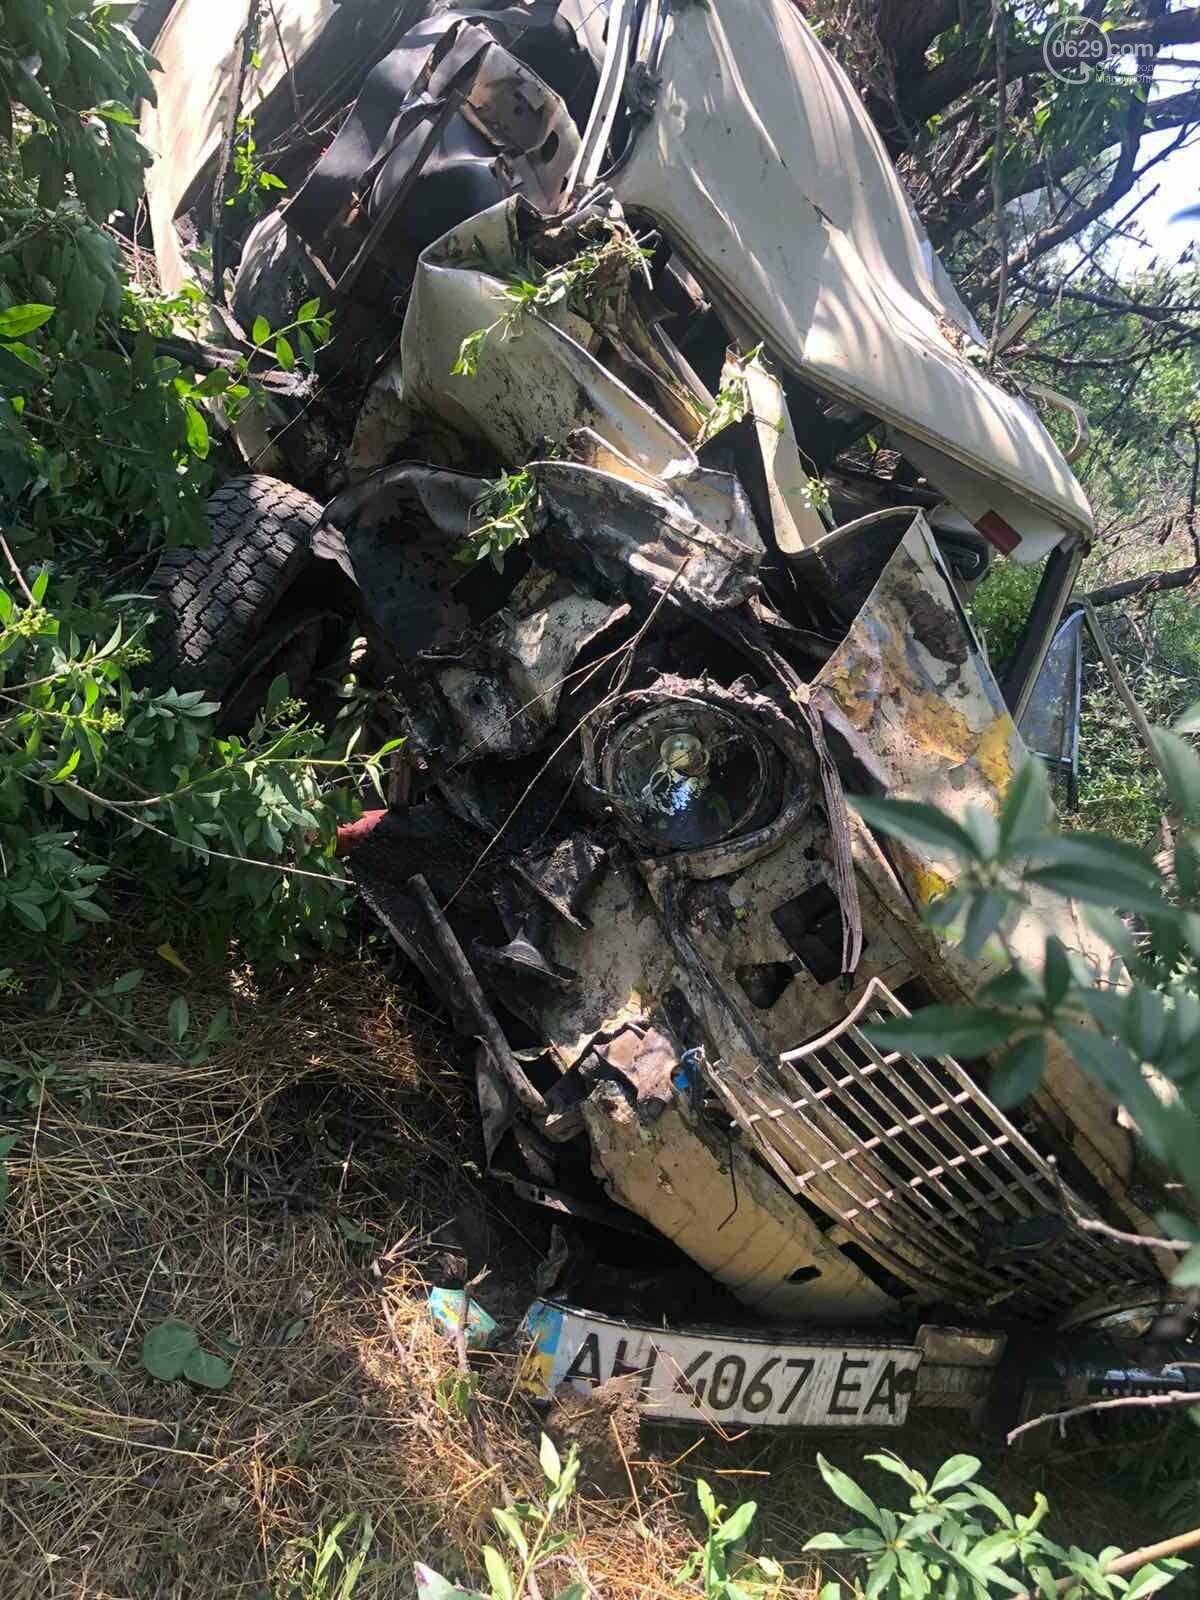 Серьезная авария в Кальмиусском районе. ВАЗ с пассажирами вылетел в кювет, четверо пострадавших, - ФОТО, фото-3